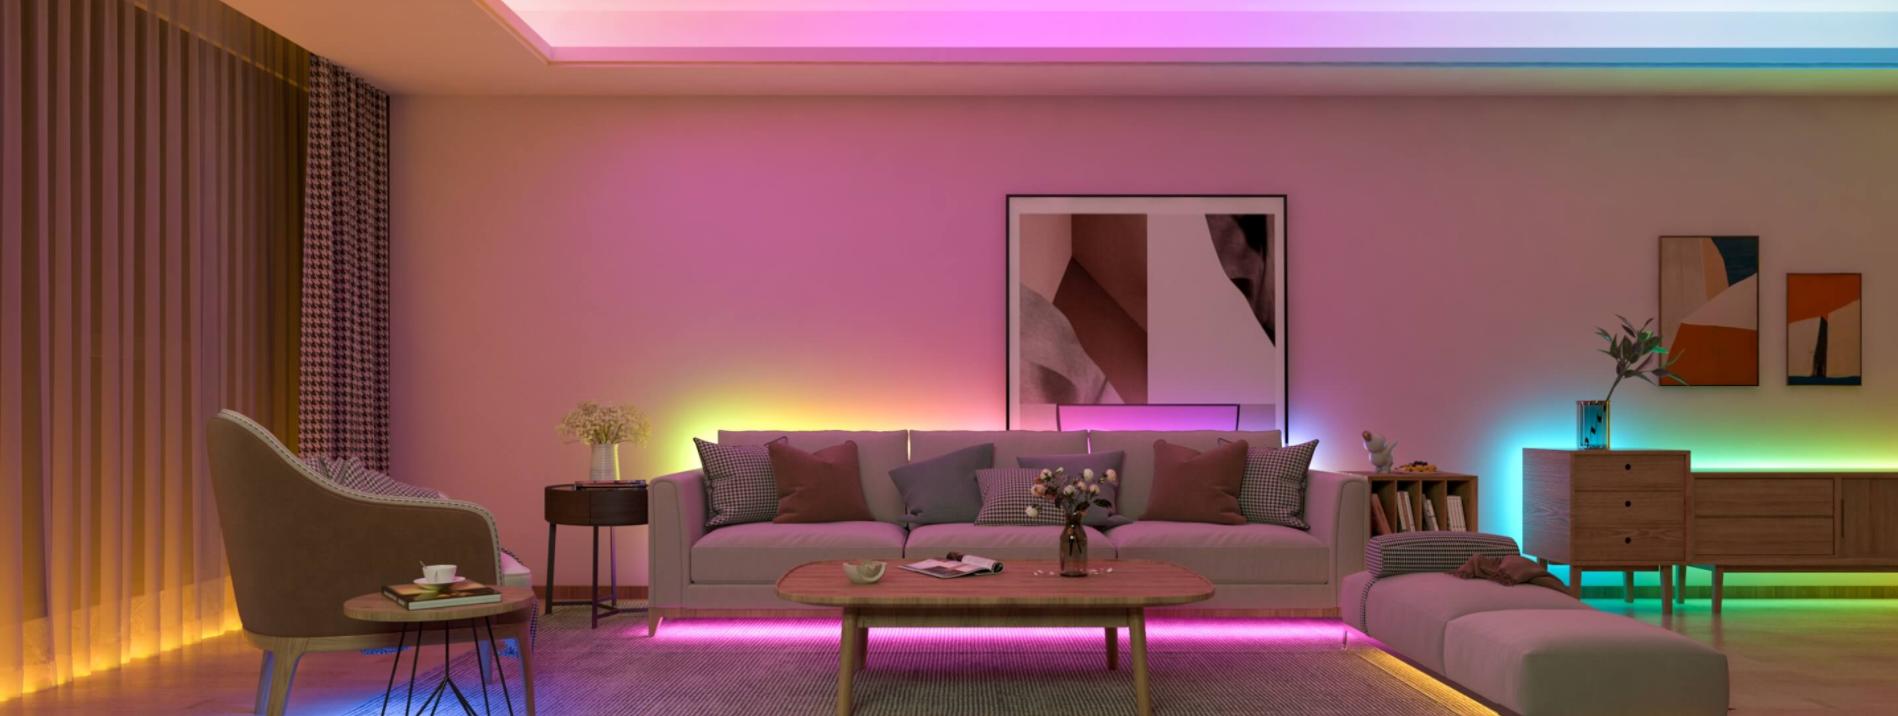 Govee programozható LED szalag teszt 7